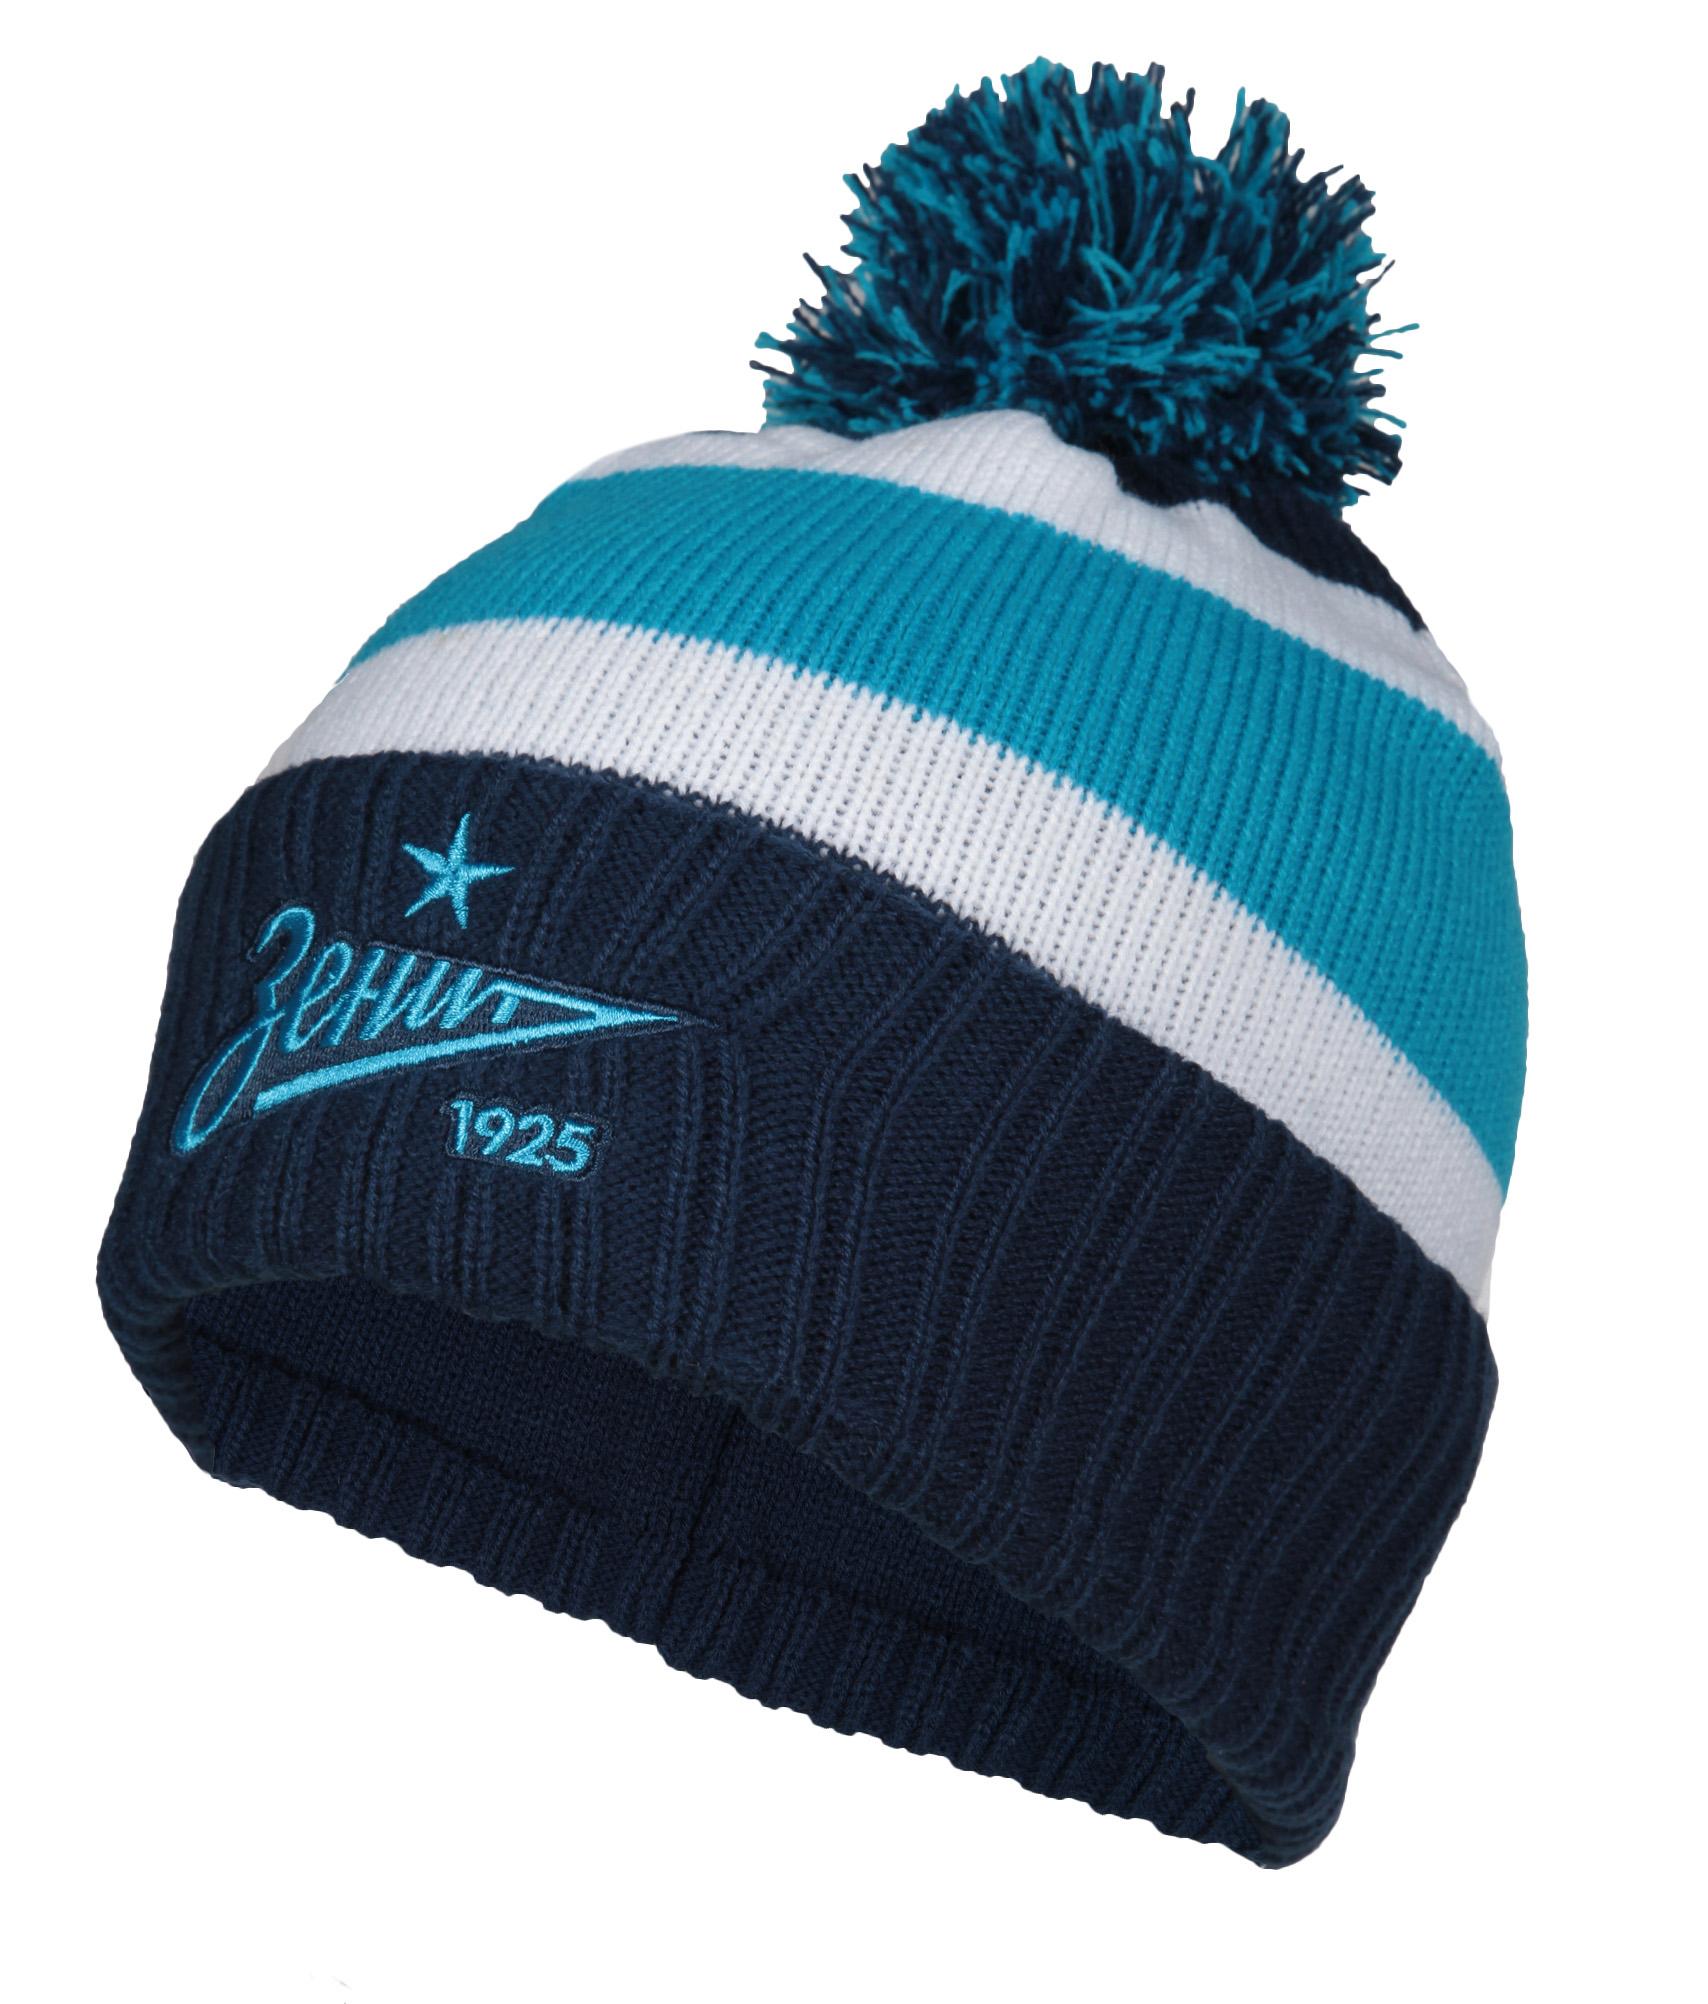 Фото - Шапка Зенит Цвет-Сине-Бело-Голубой шапка мужская зенит